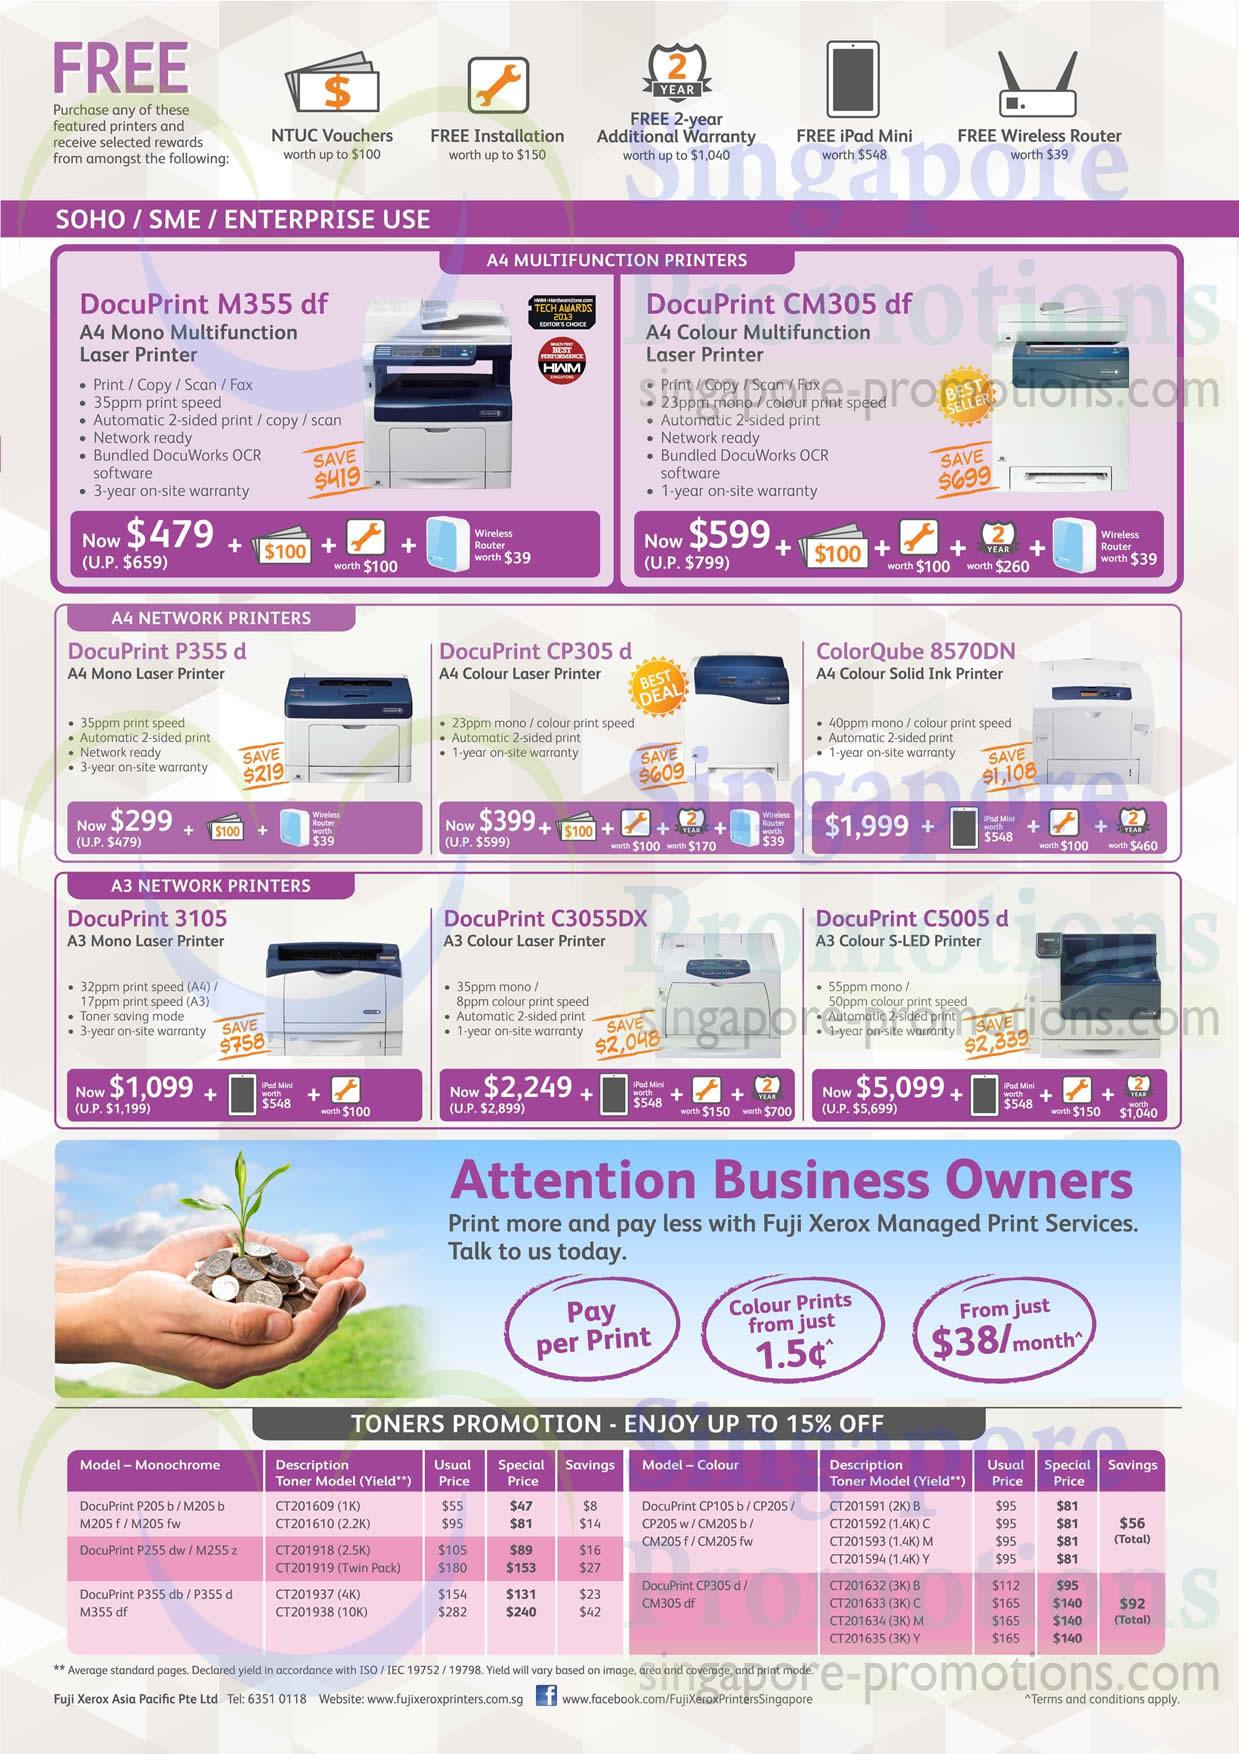 29 May Fuji Xerox Printers M355DF, CM305DF, P355D, CP305D